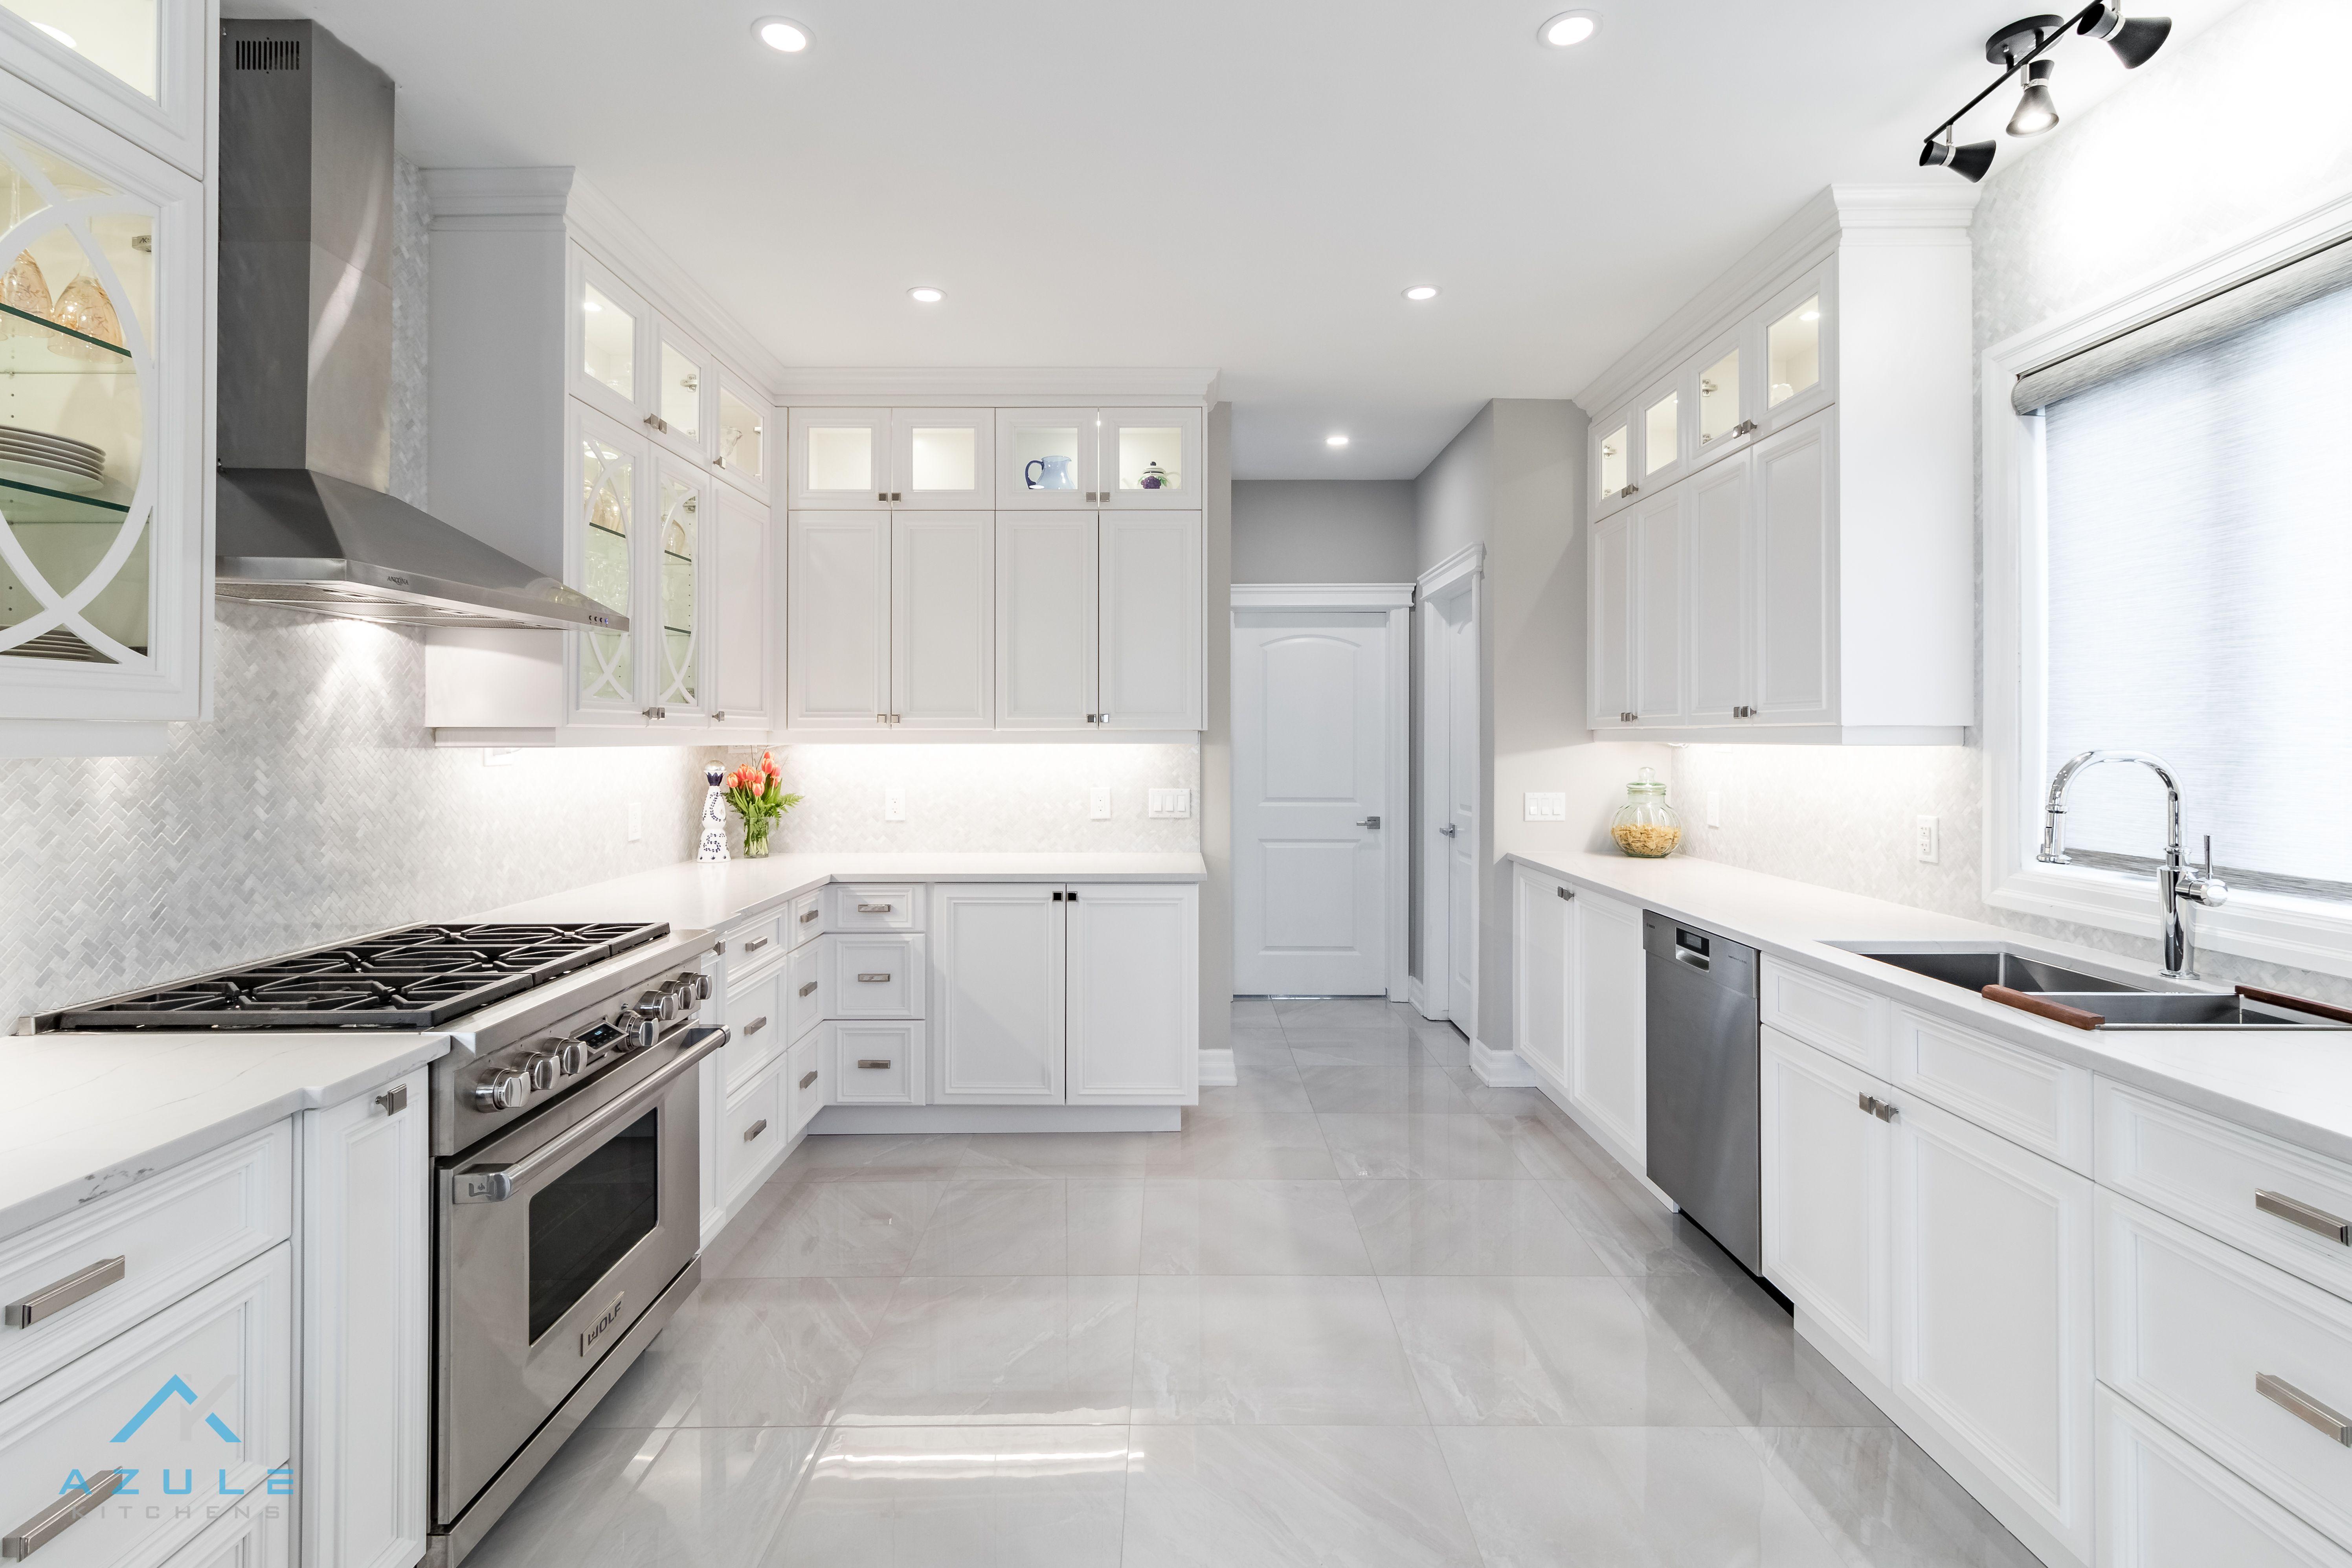 Azule Kitchens Stunning Kitchen Redesigning Services In 2020 Kitchen Plans Kitchen Custom Kitchen Cabinets